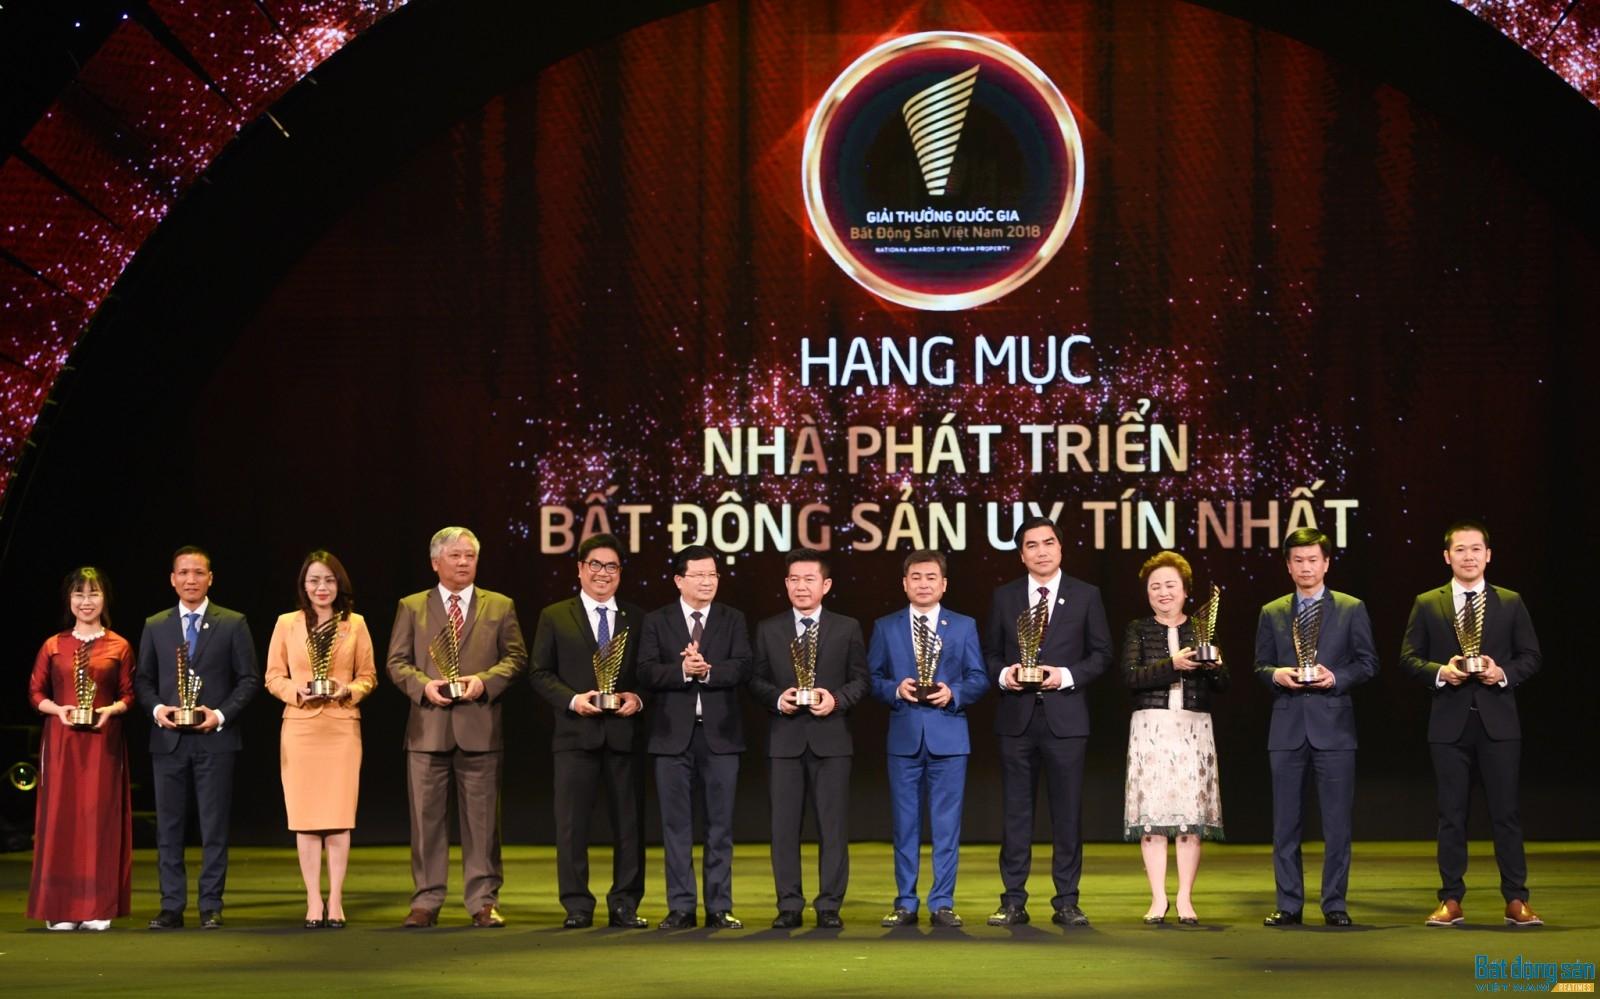 Giải thưởng Quốc gia Bất động sản Việt Nam 2018 vinh danh 11 Nhà phát triển bất động sản uy tín nhất.